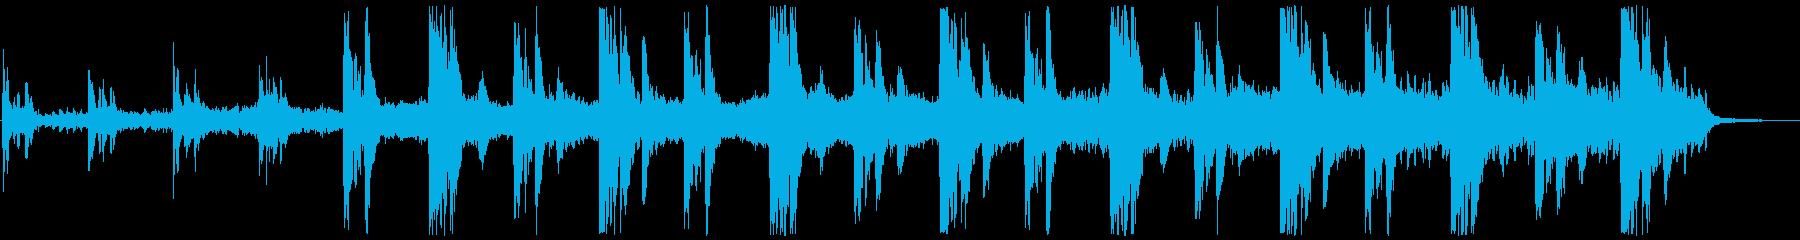 オペラ 前衛交響曲 ファンタジー ...の再生済みの波形